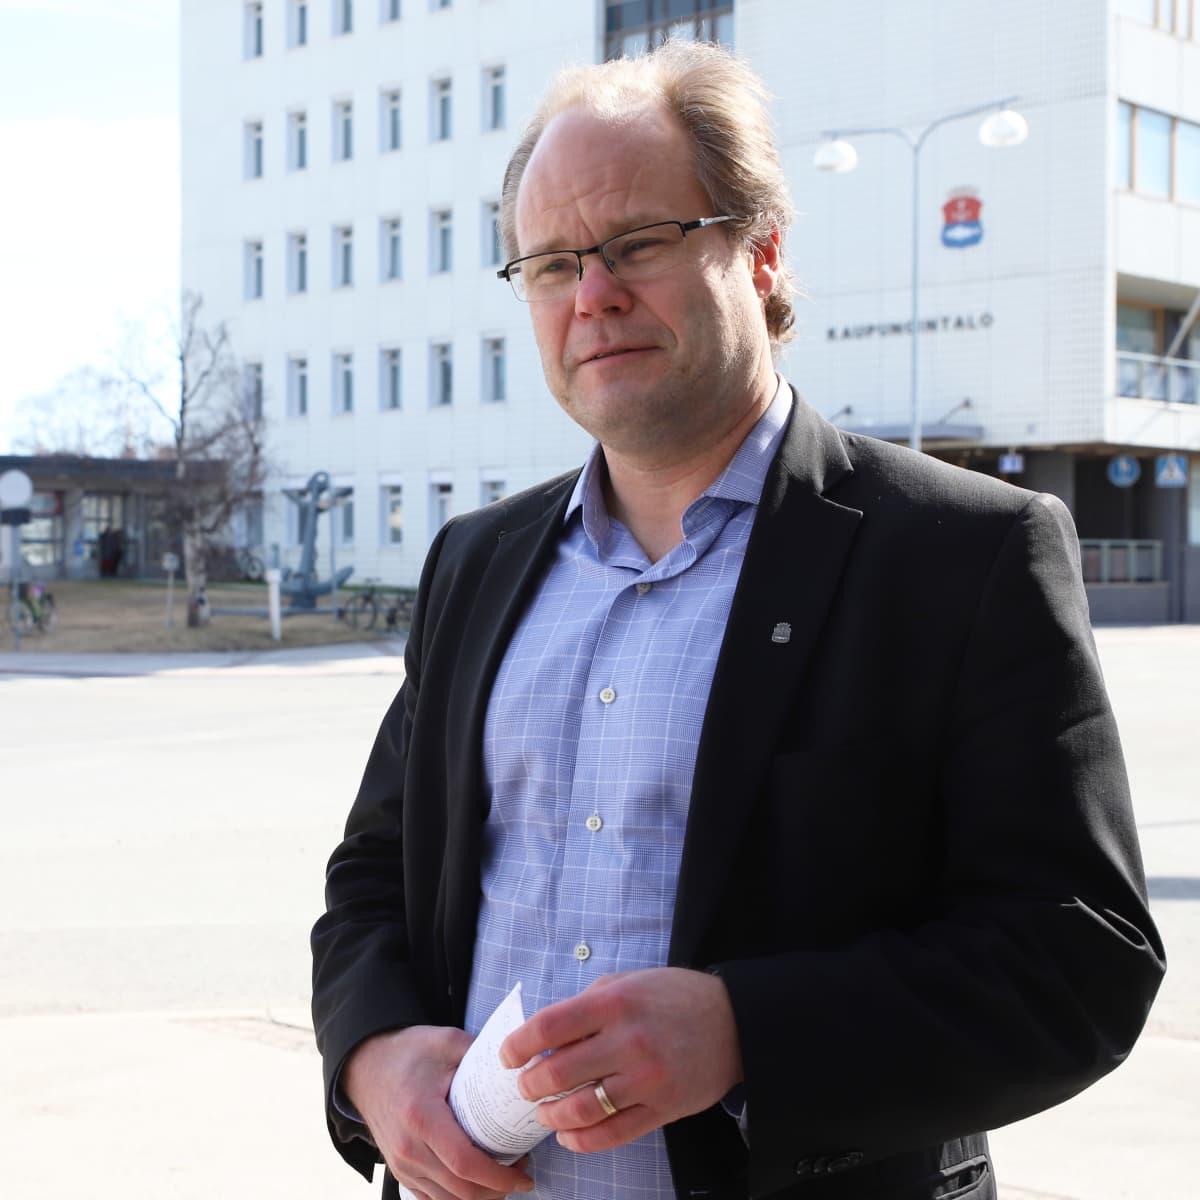 Kemin kaupunginjohtaja Tero Nissinen kaupungintalon edustalla